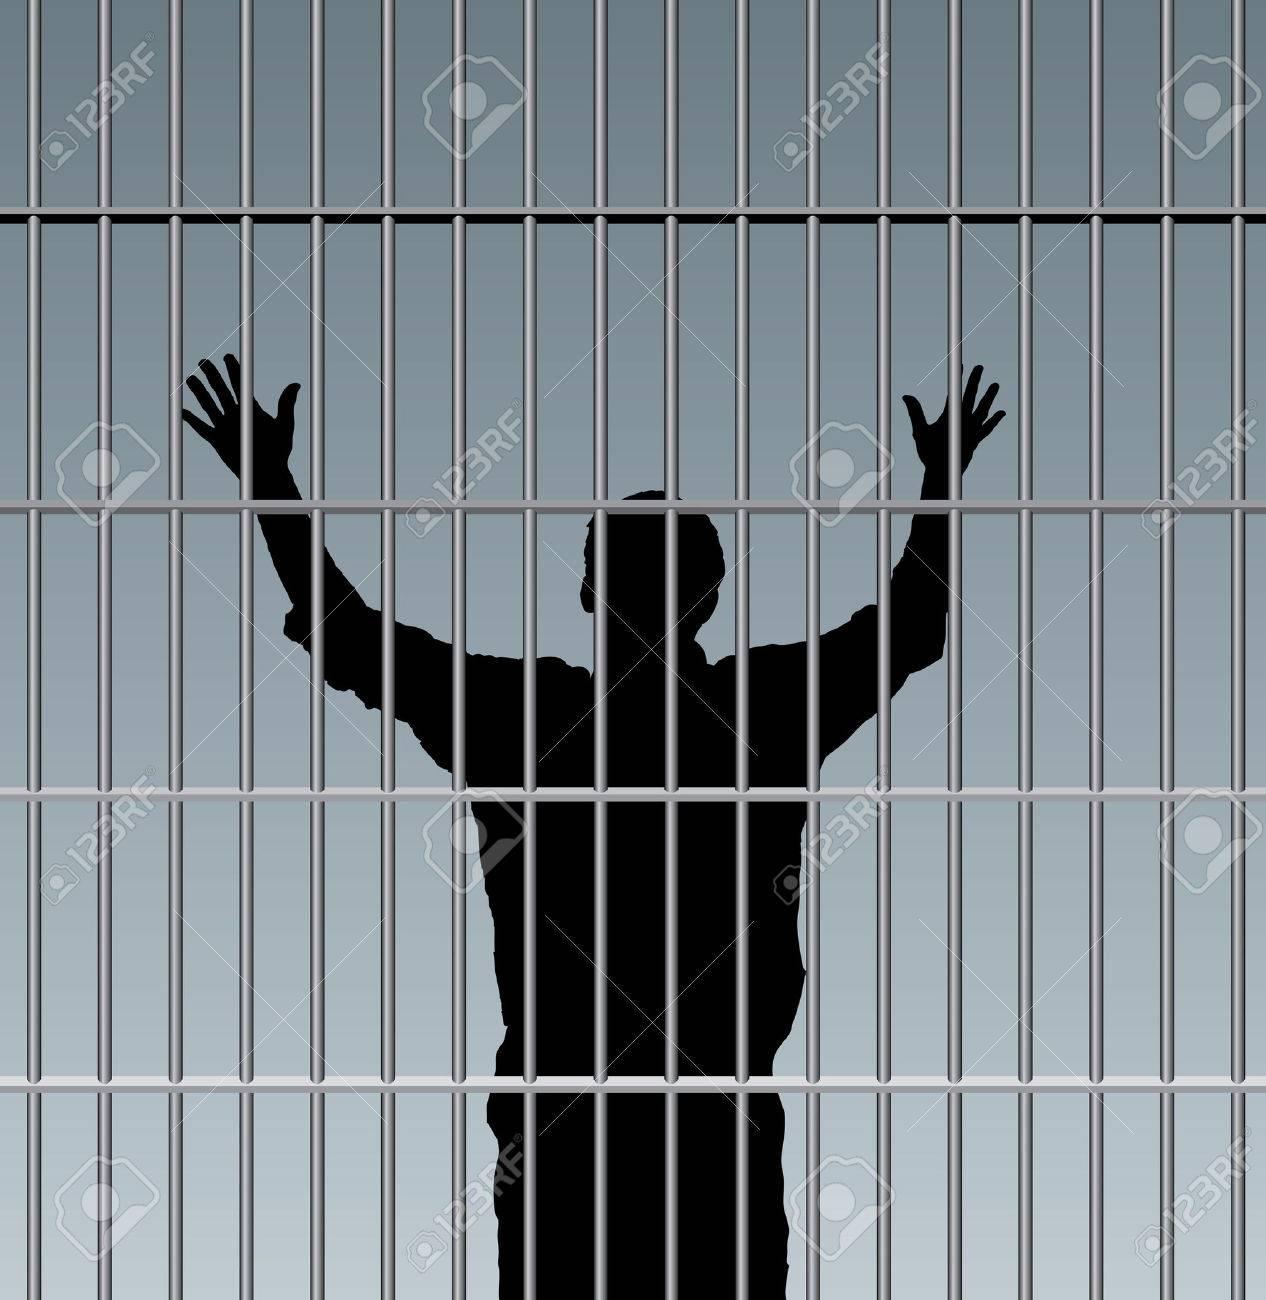 desperate prisoner in jail - 27320646